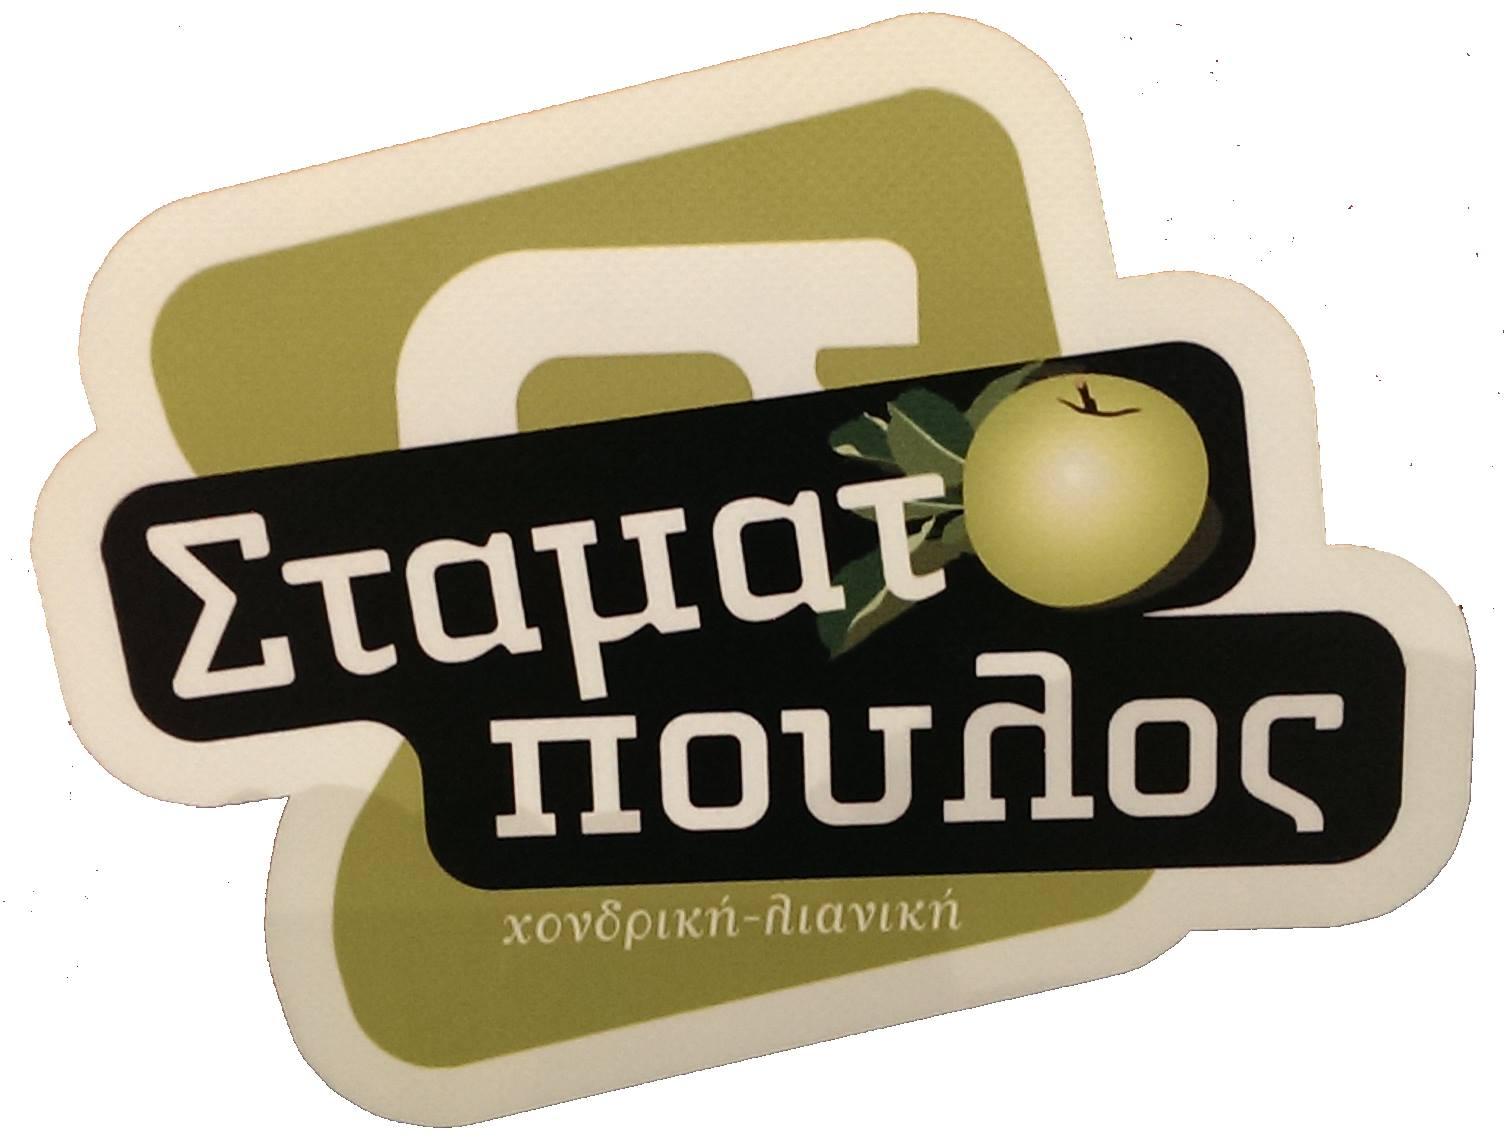 ΕΜΠΟΡΙΑ ΦΡΟΥΤΩΝ - ΛΑΧΑΝΙΚΩΝ